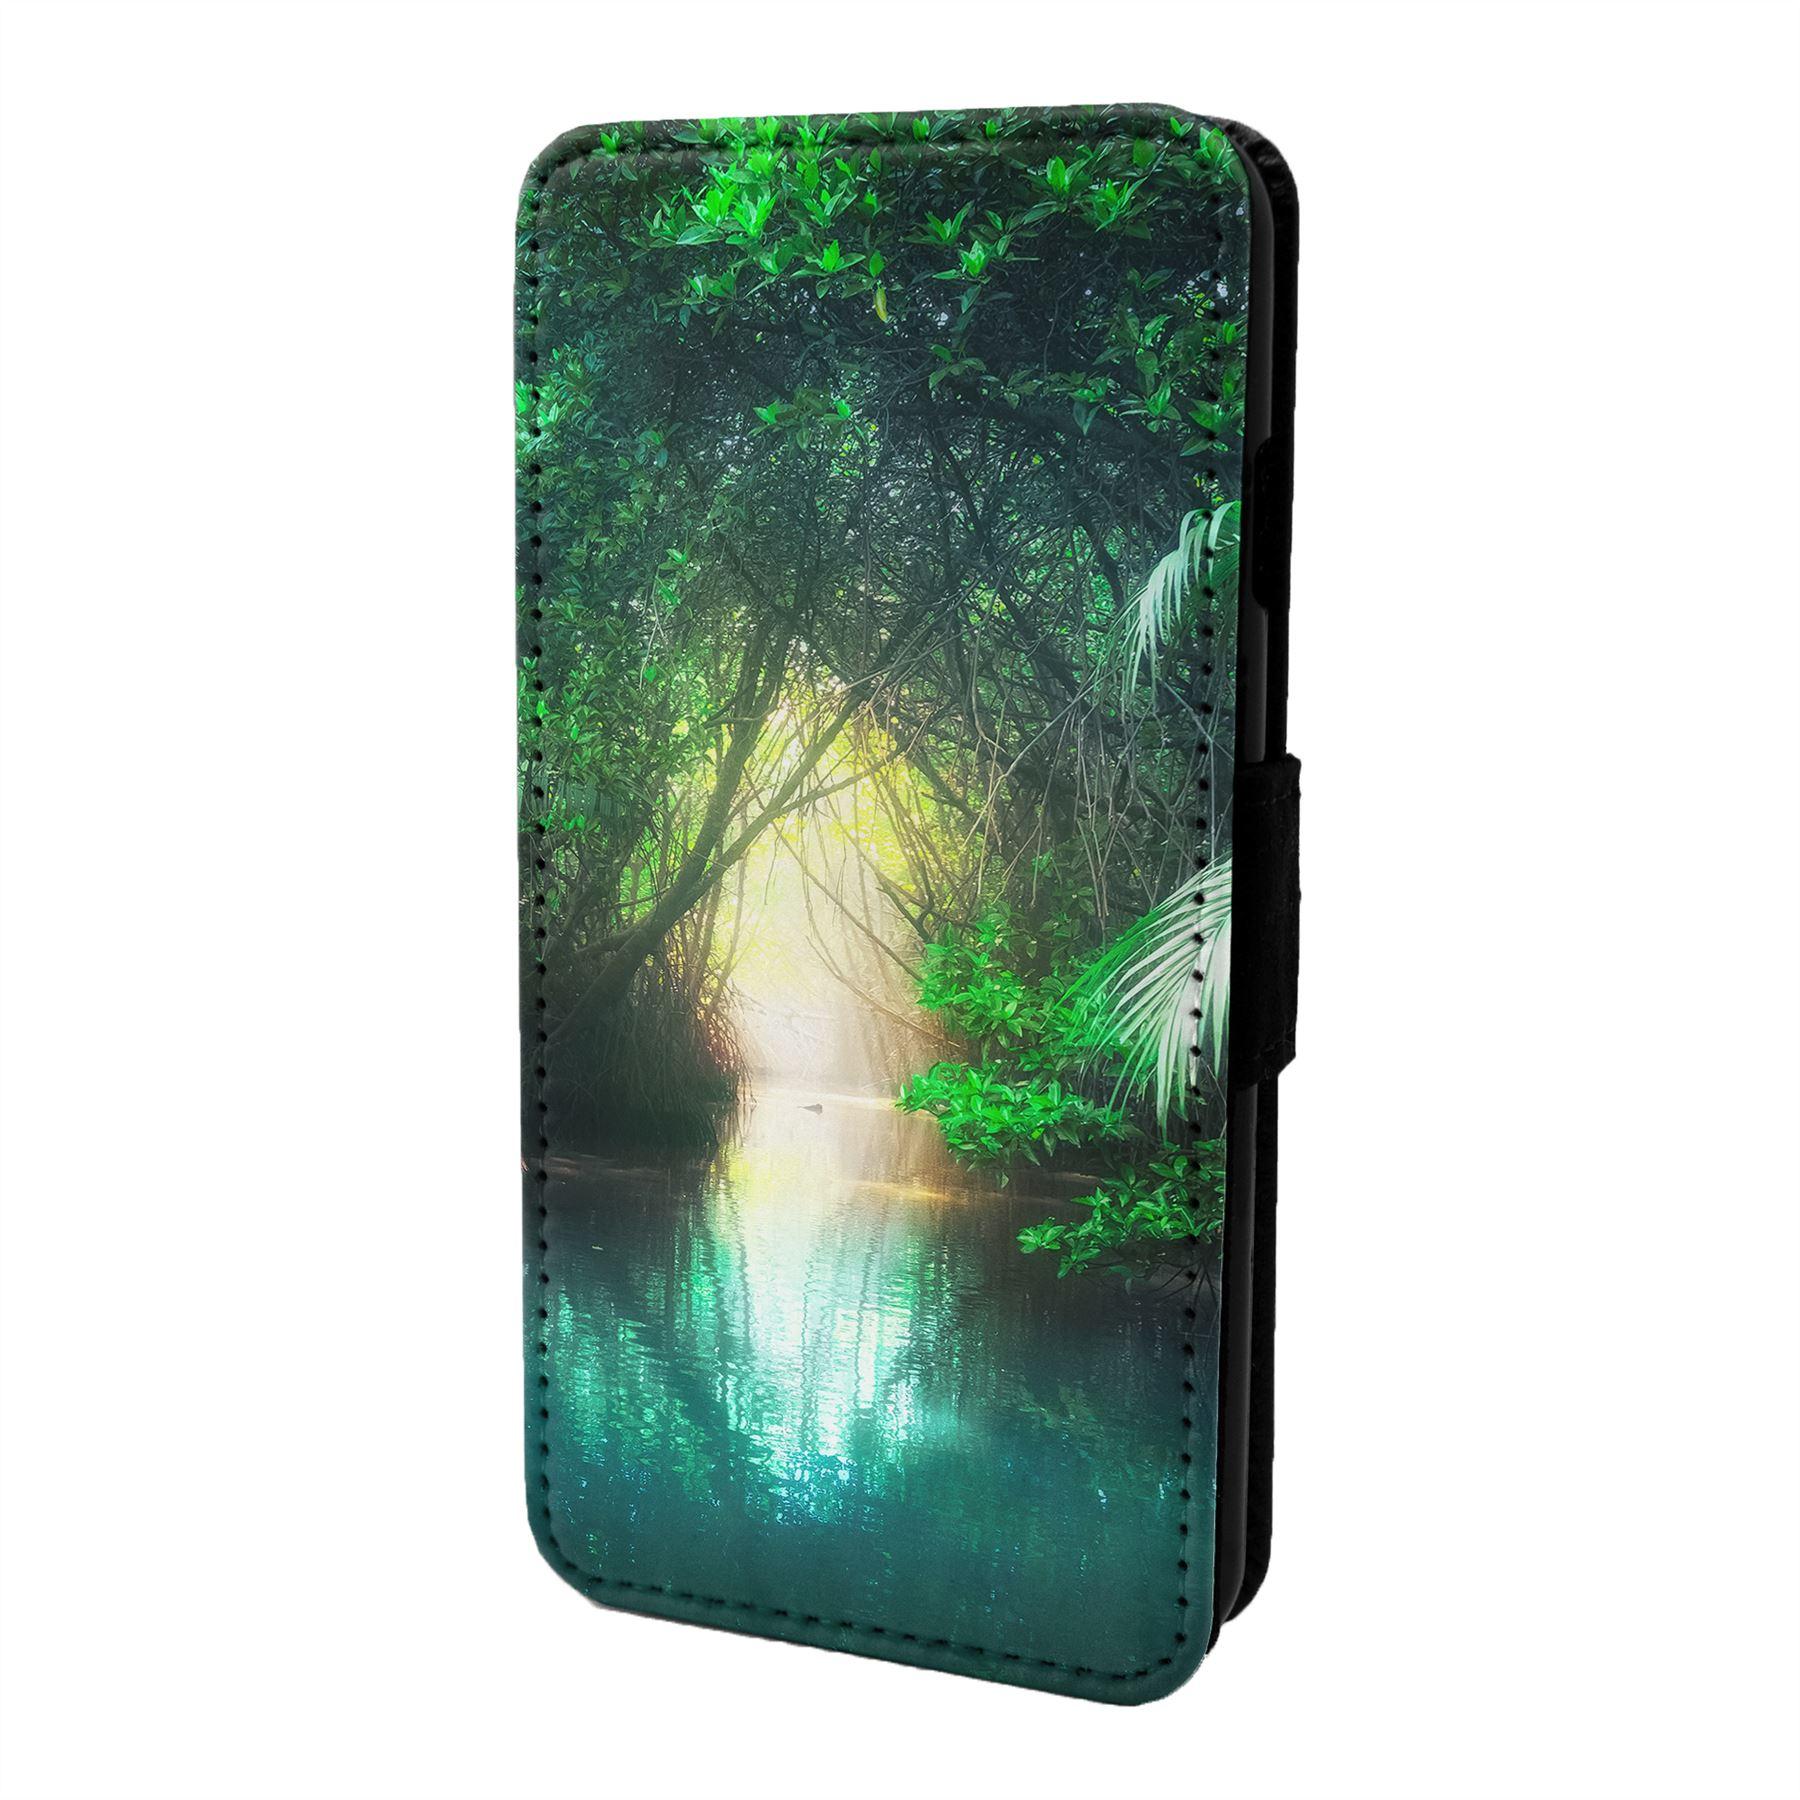 Magique-Paysage-Imprime-Etui-Rabattable-pour-Telephone-Portable-S6880